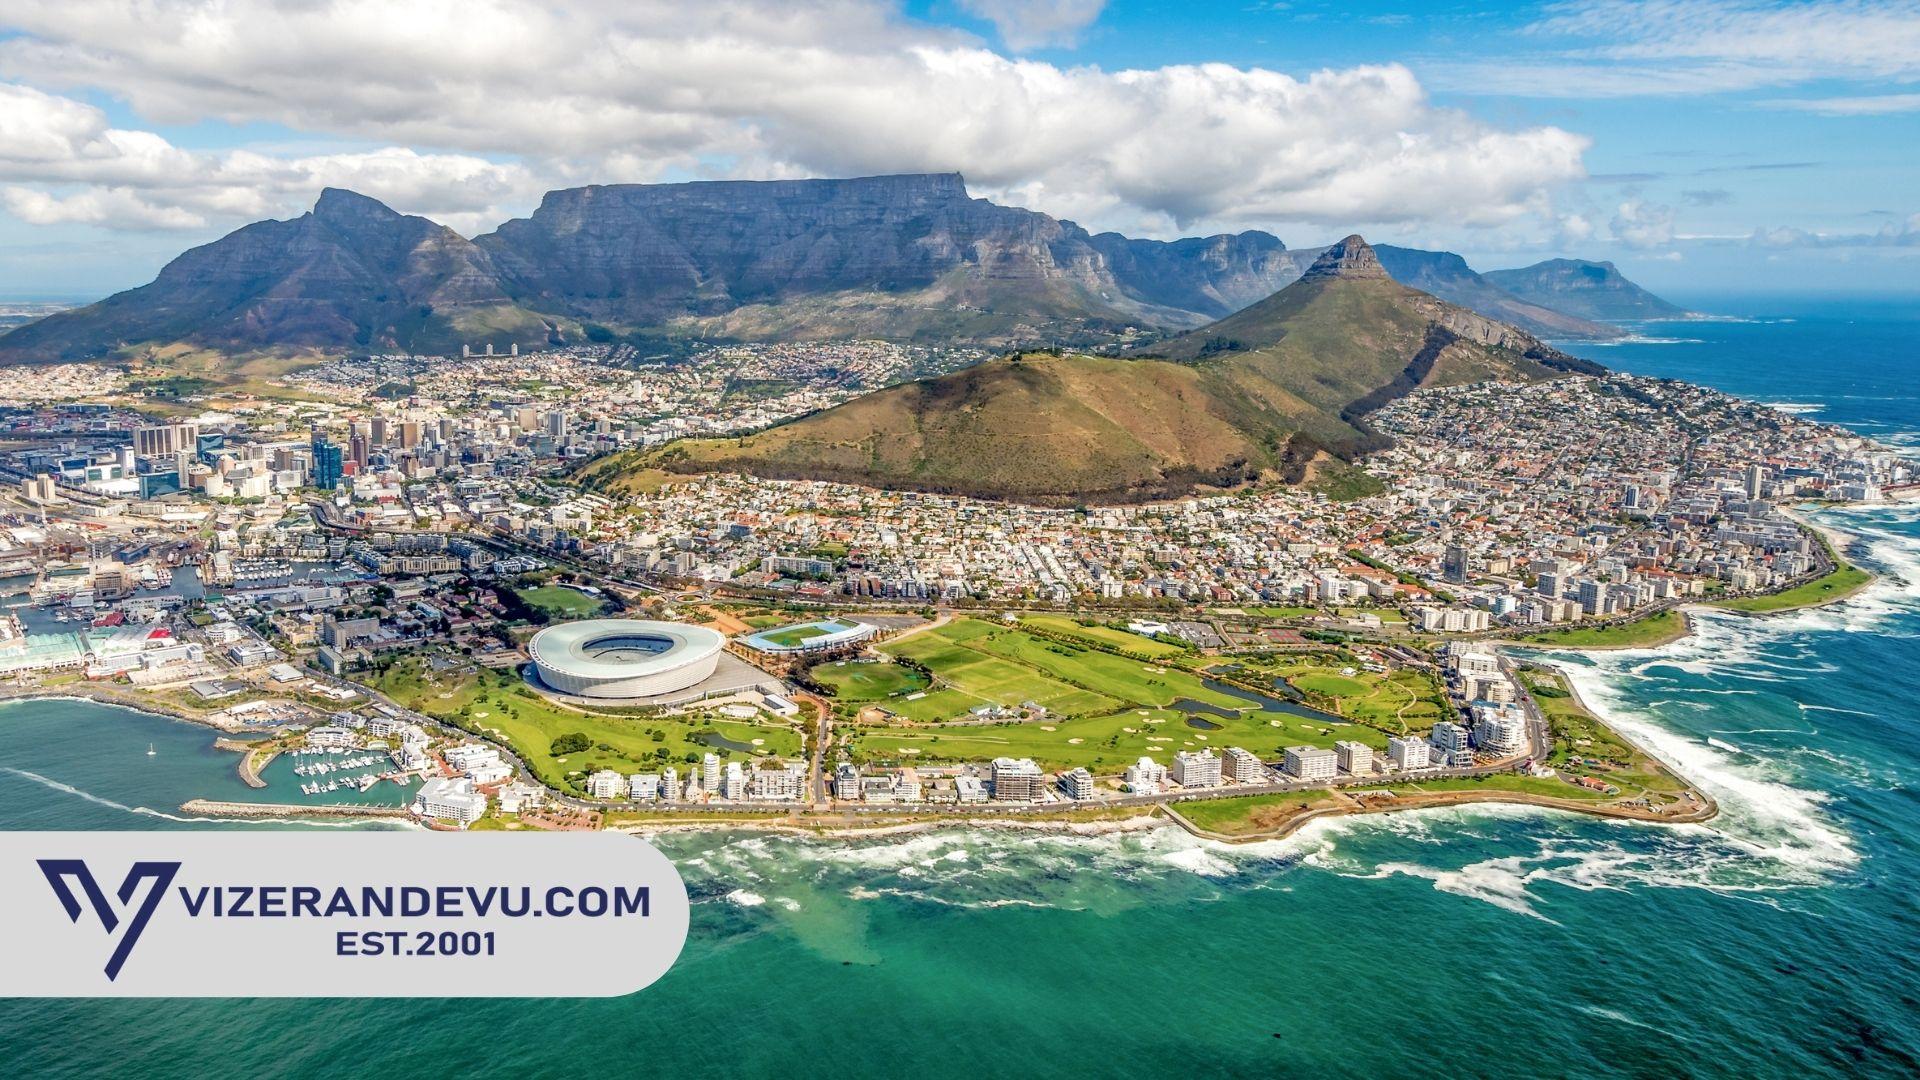 Güney Afrika Vizesi: Randevu ve Başvuru (2021)